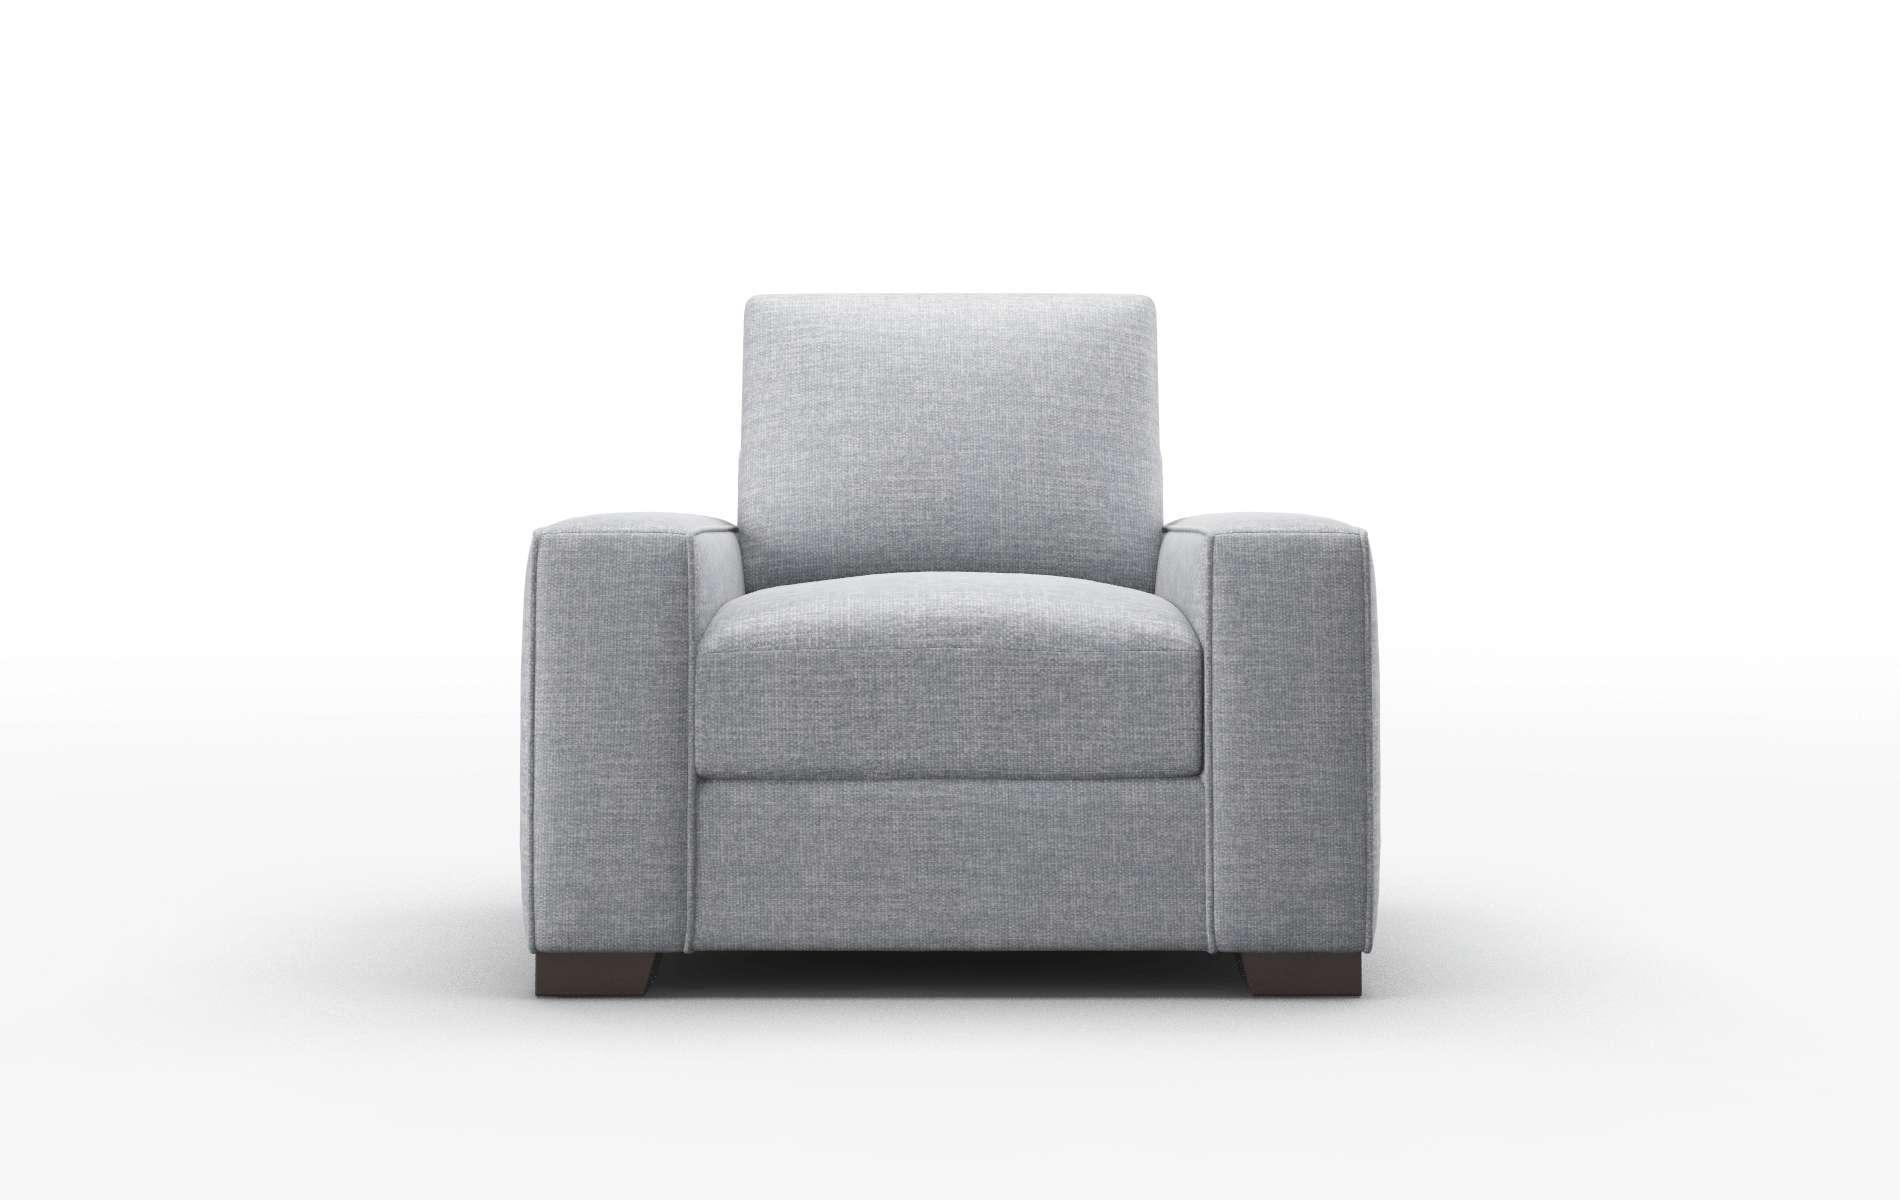 Monaco Keylargo Ash Chair espresso legs 1